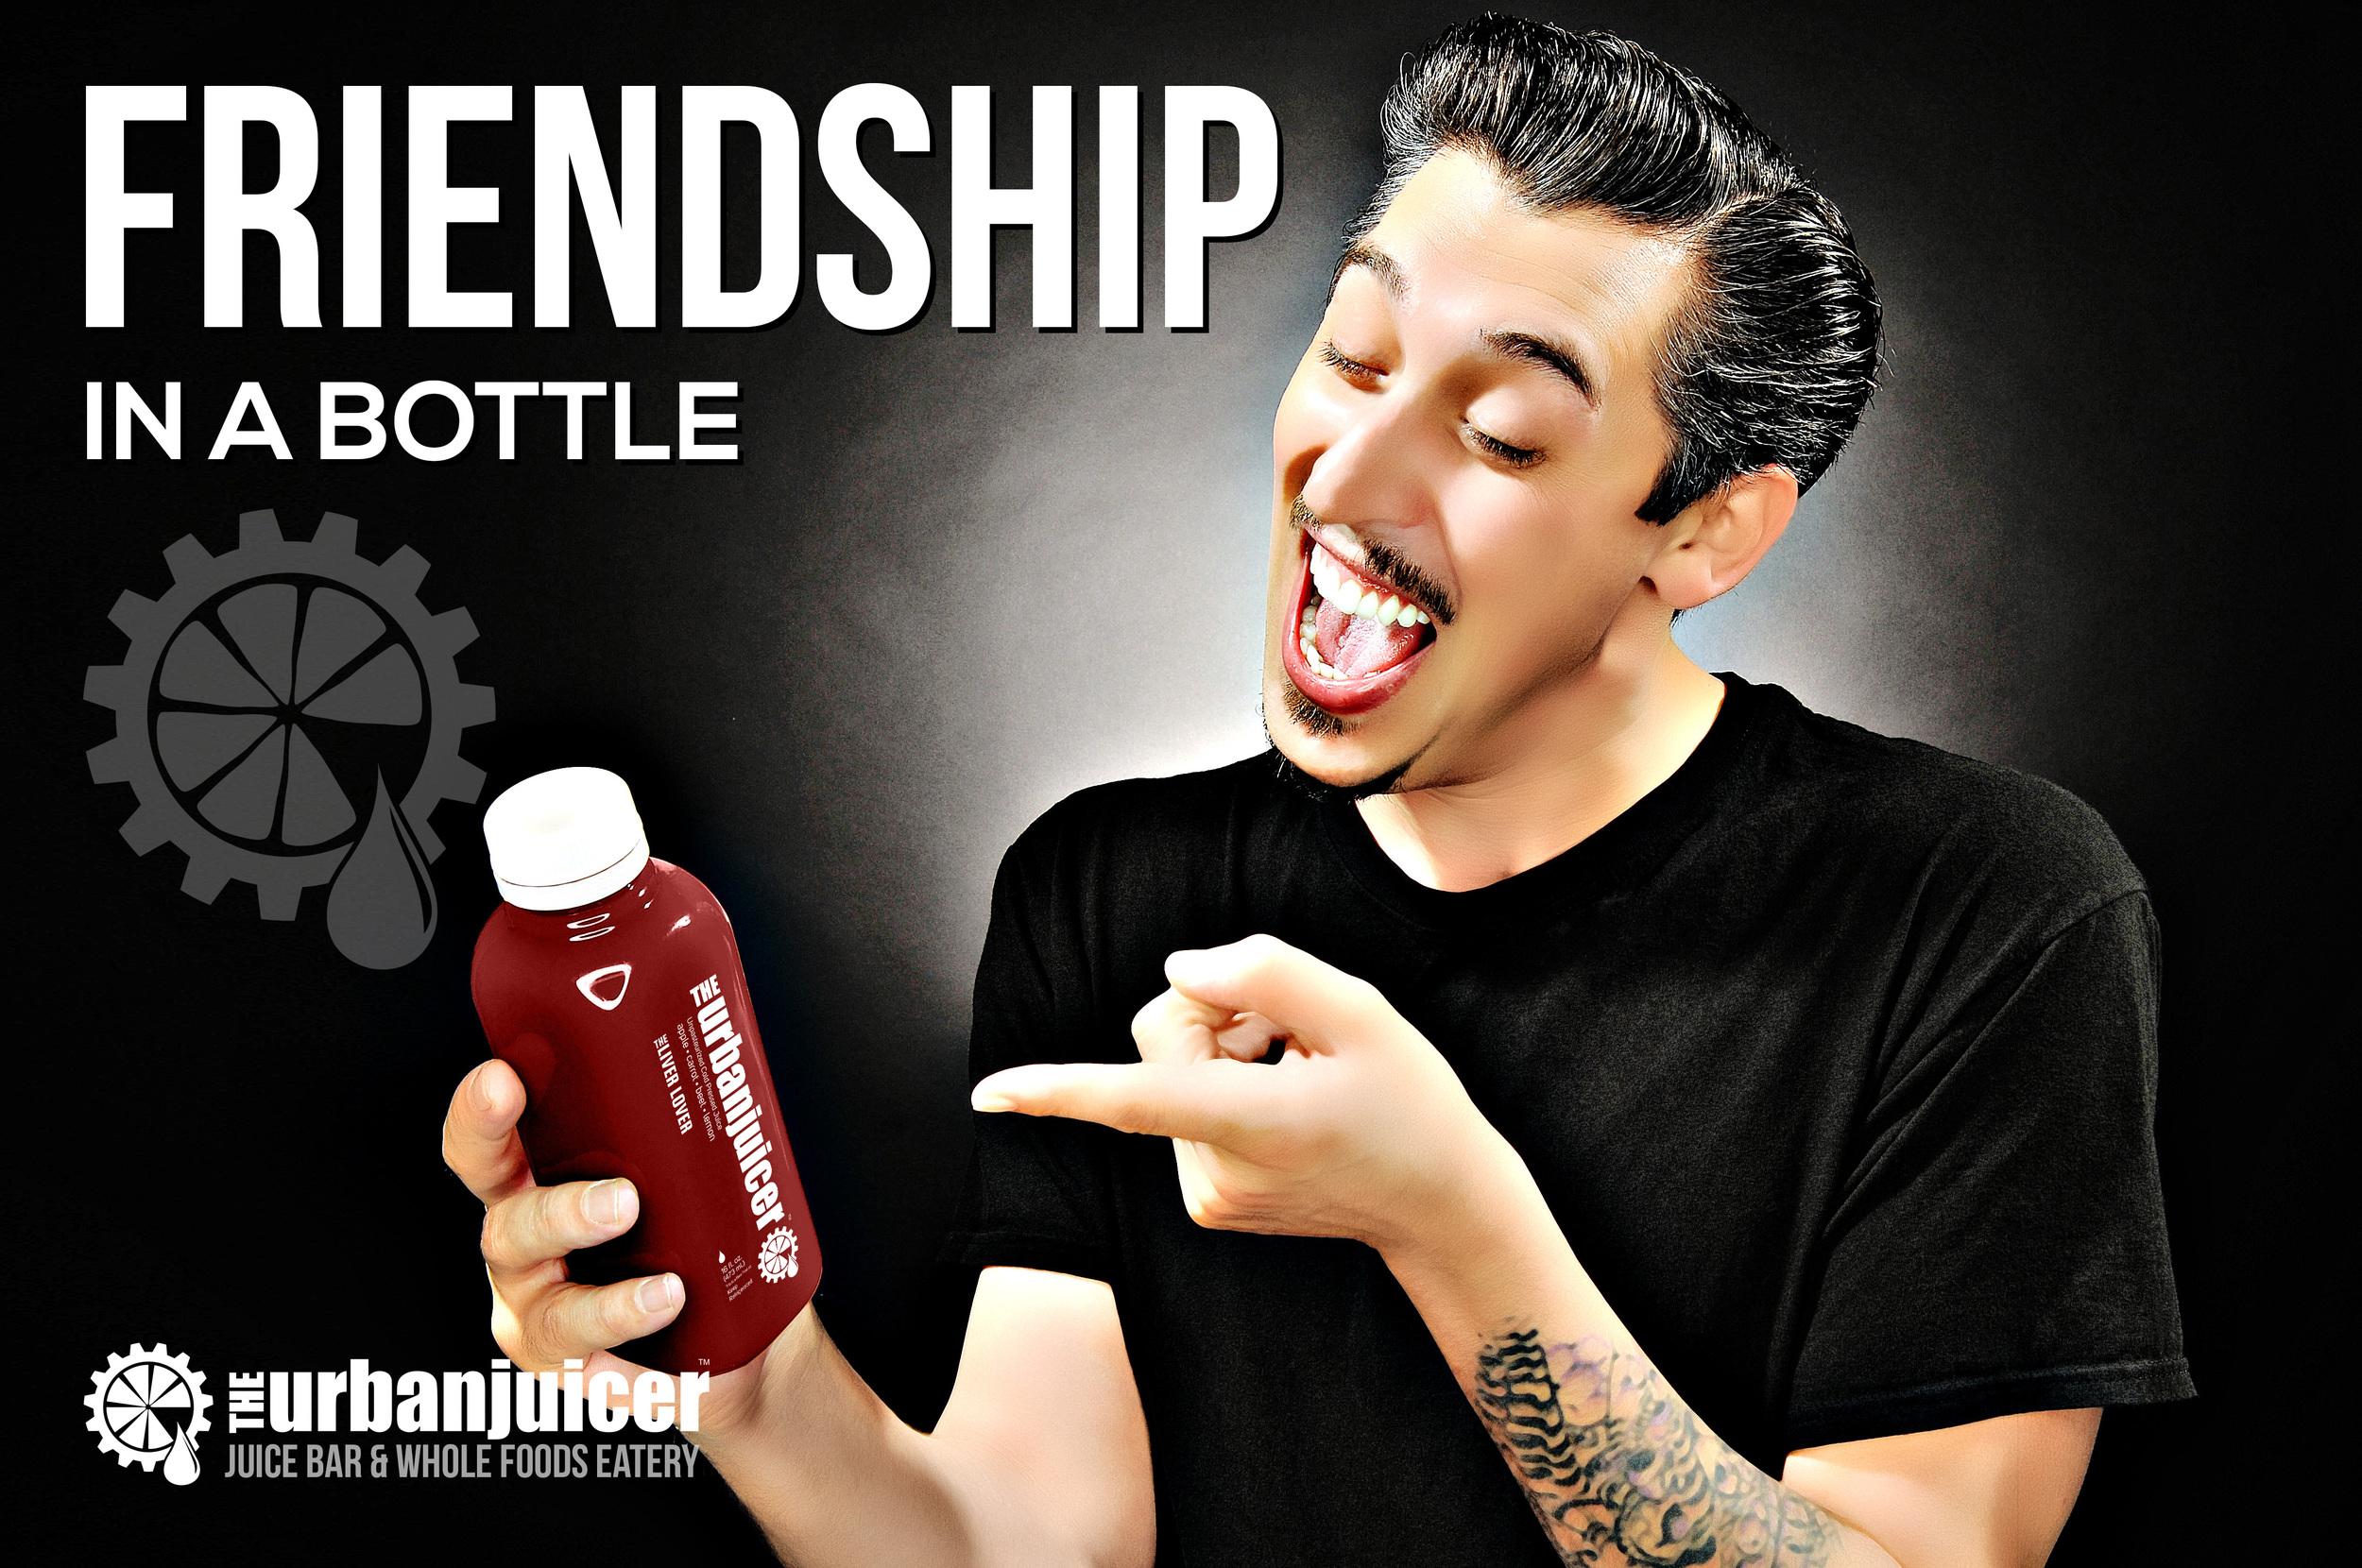 Dustin-Liver-Lover-Black-BG-Friendship-Bonus-01.jpg